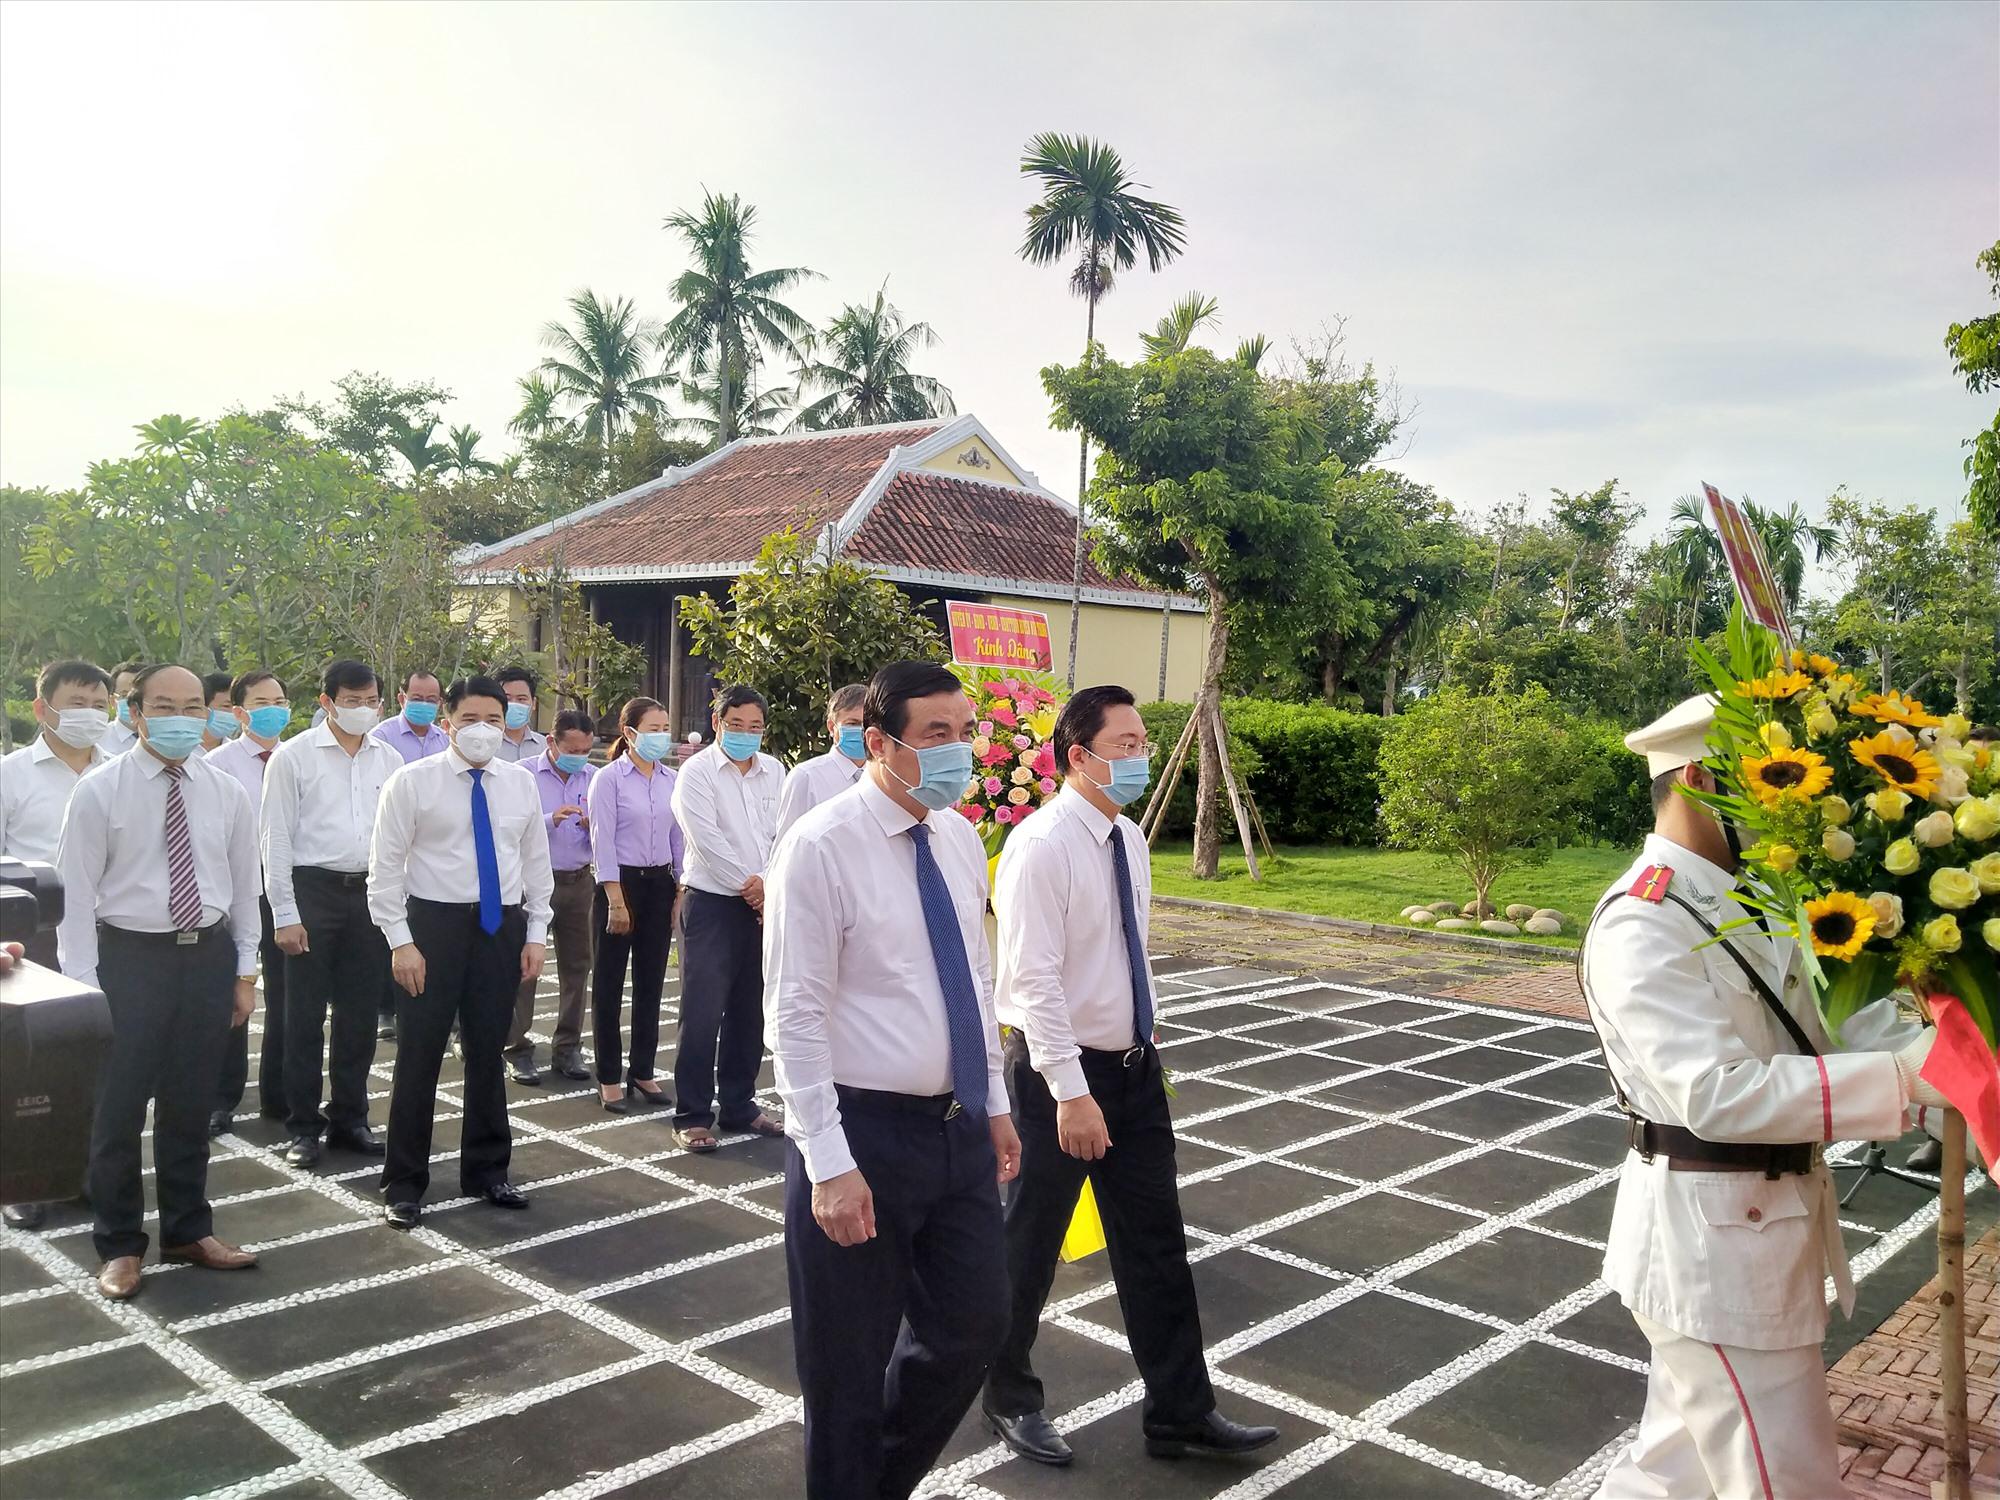 Lãnh đạo tỉnh viếng hương, thăm Nhà lưu niệm đồng chí Võ Chí Công (huyện Núi Thành). Ảnh: NGUYÊN ĐOAN